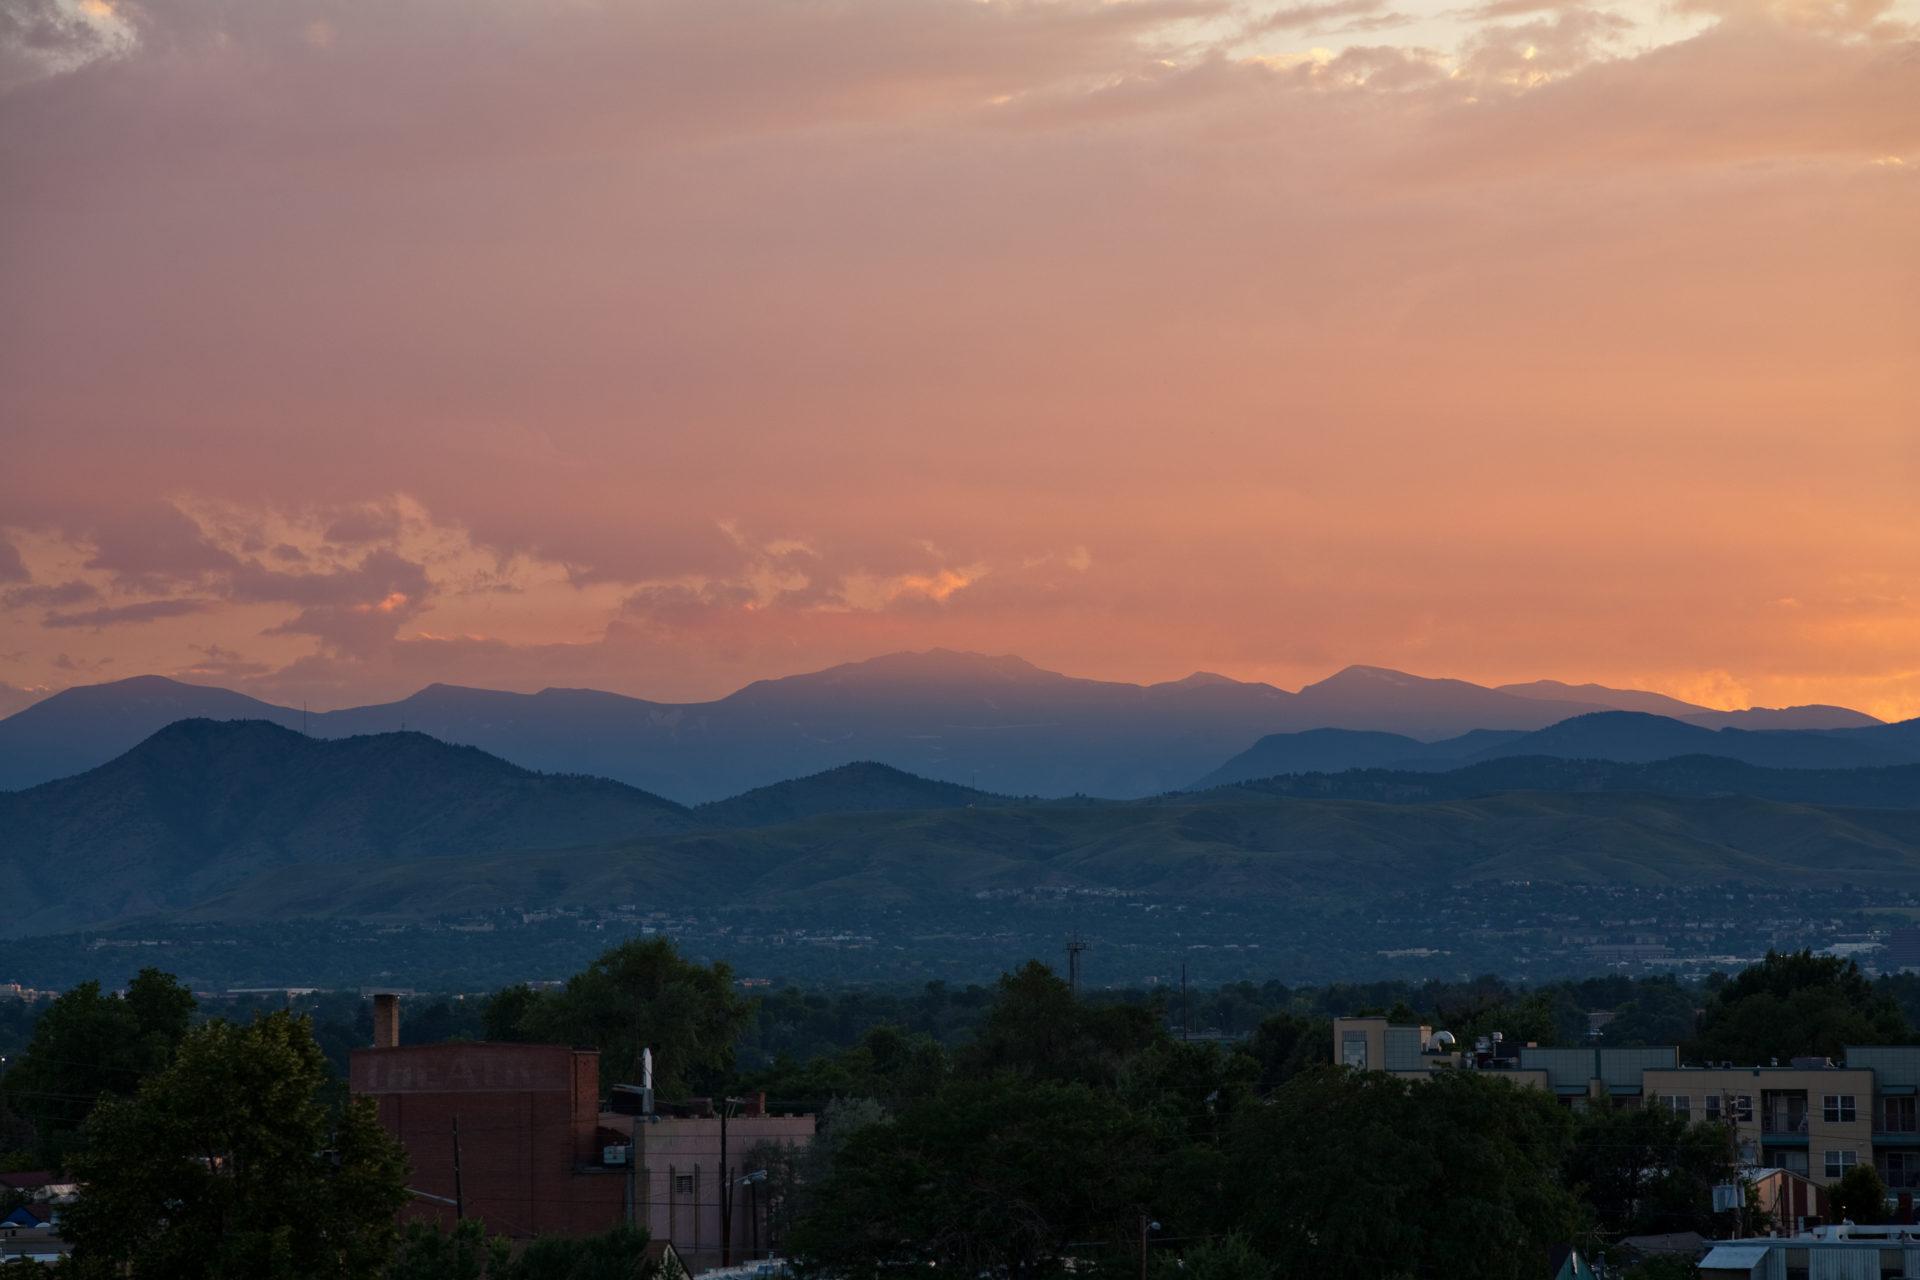 Mount Evans sunset - July 24, 2011